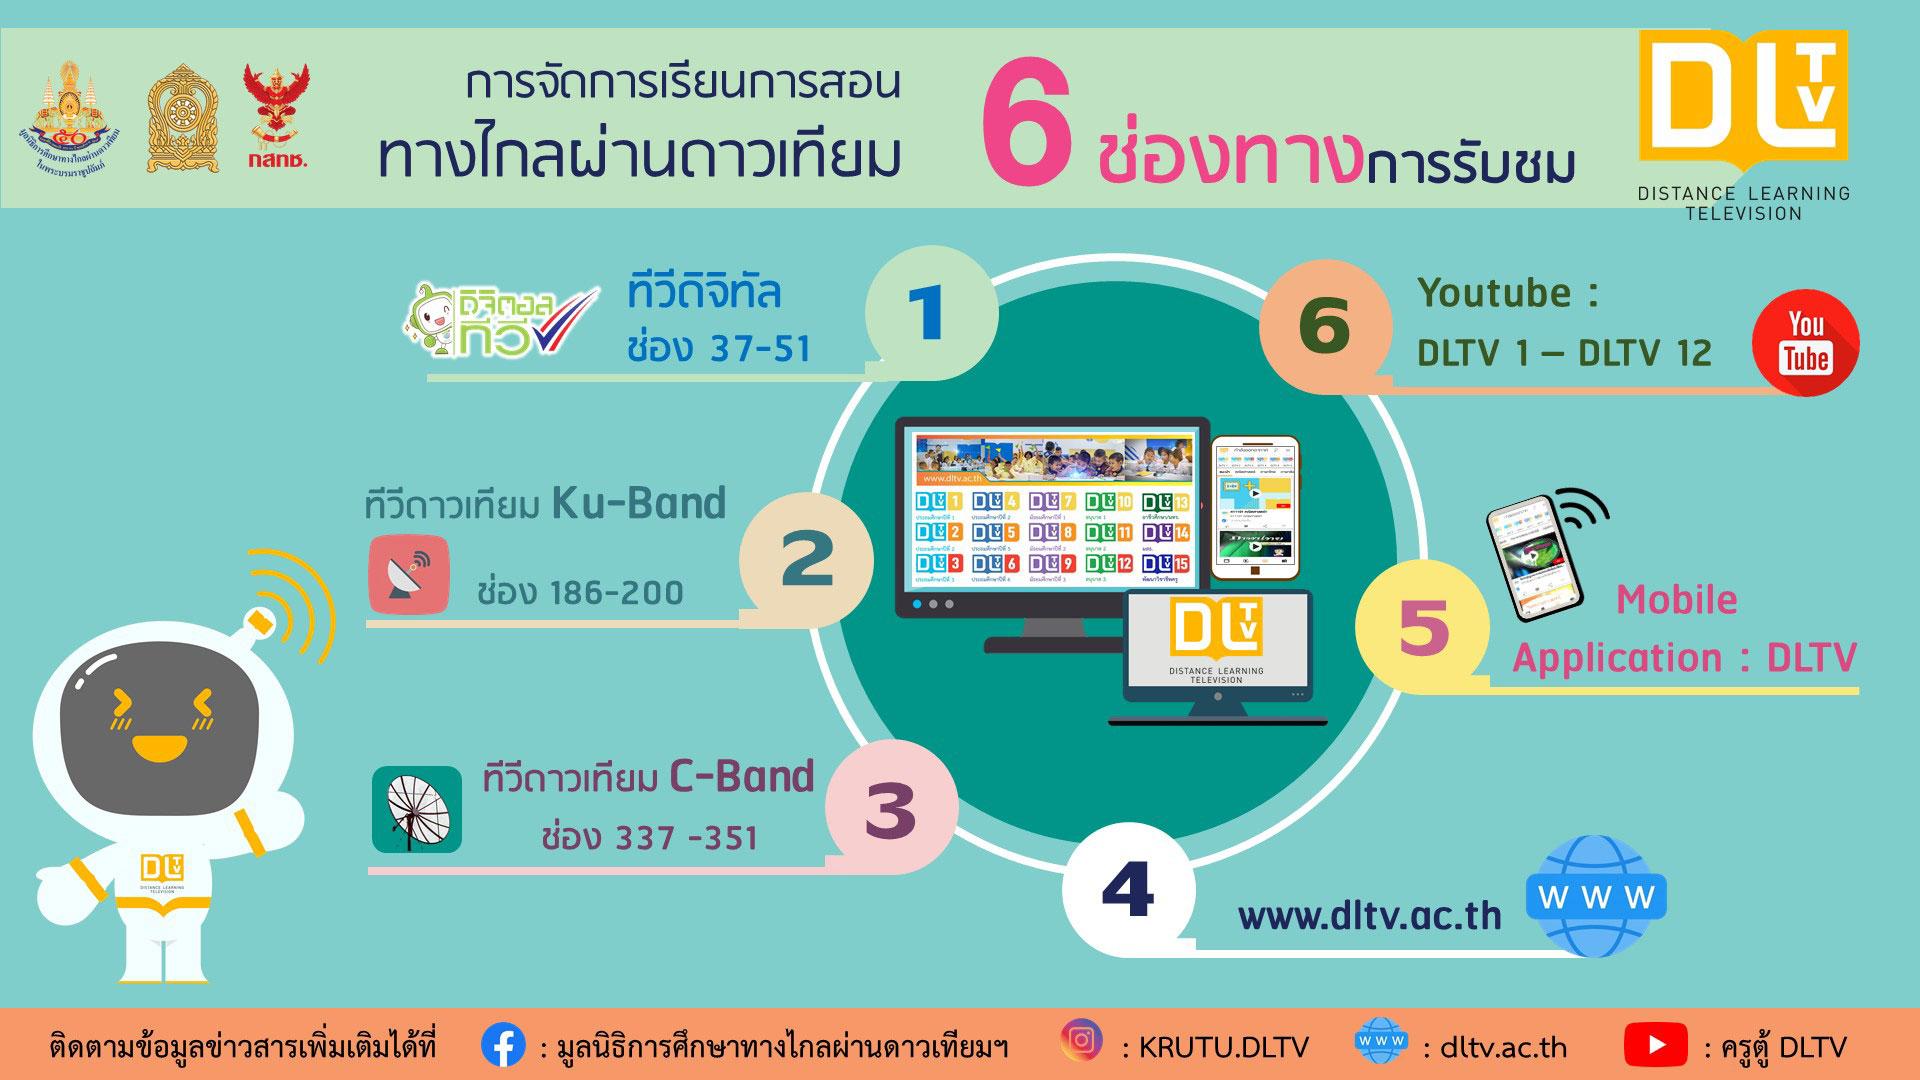 6 ช่องทางเรียนออนไลน์ - รับชมการเรียนการสอนทางไกล (DLTV)